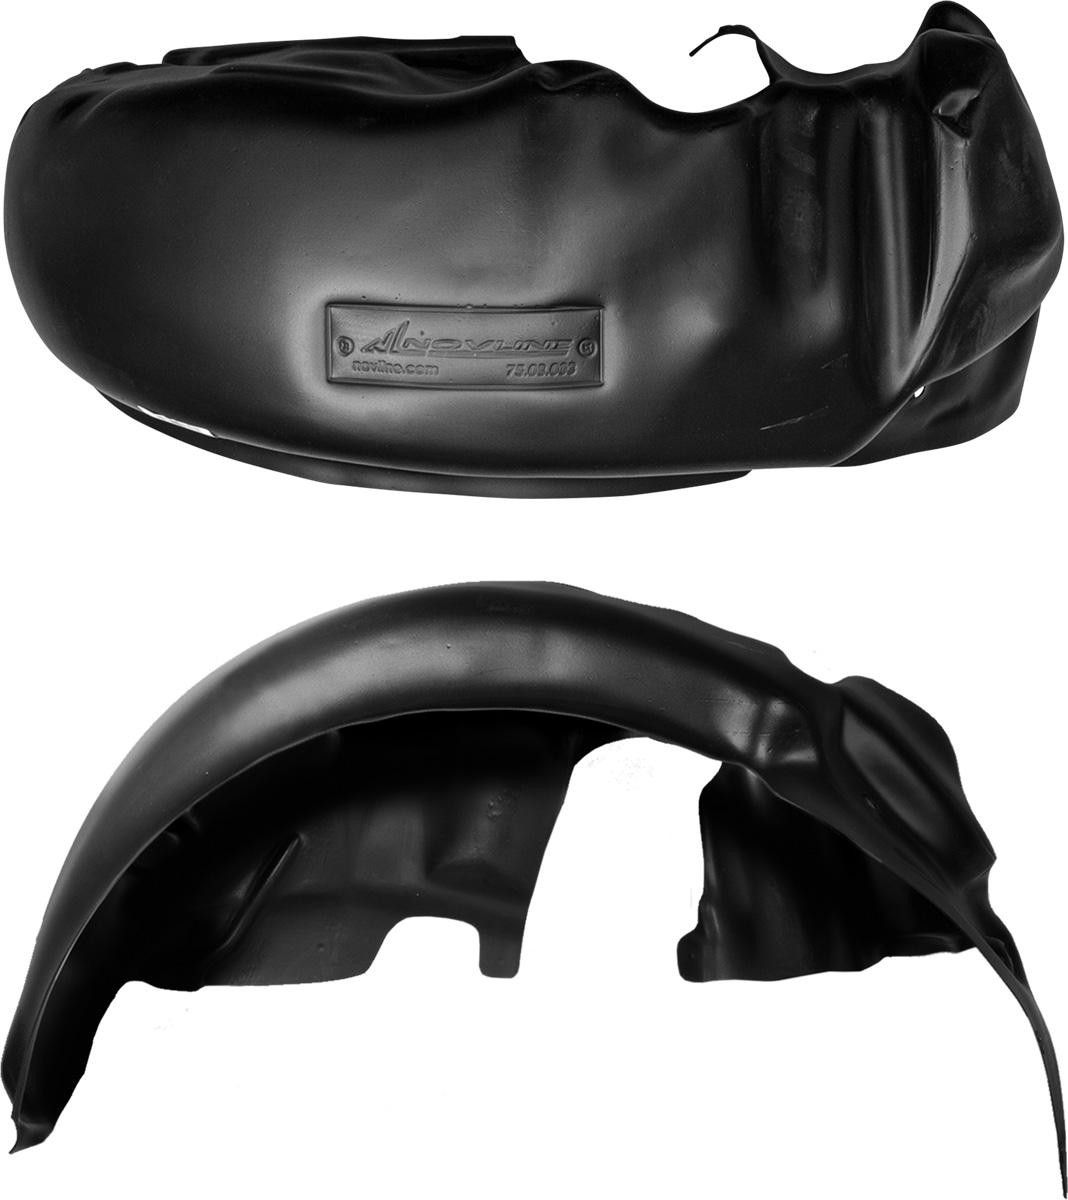 Подкрылок LIFAN X-60, 2012->, задний левыйNLL.73.04.003Колесные ниши – одни из самых уязвимых зон днища вашего автомобиля. Они постоянно подвергаются воздействию со стороны дороги. Лучшая, почти абсолютная защита для них - специально отформованные пластиковые кожухи, которые называются подкрылками, или локерами. Производятся они как для отечественных моделей автомобилей, так и для иномарок. Подкрылки выполнены из высококачественного, экологически чистого пластика. Обеспечивают надежную защиту кузова автомобиля от пескоструйного эффекта и негативного влияния, агрессивных антигололедных реагентов. Пластик обладает более низкой теплопроводностью, чем металл, поэтому в зимний период эксплуатации использование пластиковых подкрылков позволяет лучше защитить колесные ниши от налипания снега и образования наледи. Оригинальность конструкции подчеркивает элегантность автомобиля, бережно защищает нанесенное на днище кузова антикоррозийное покрытие и позволяет осуществить крепление подкрылков внутри колесной арки практически без дополнительного...